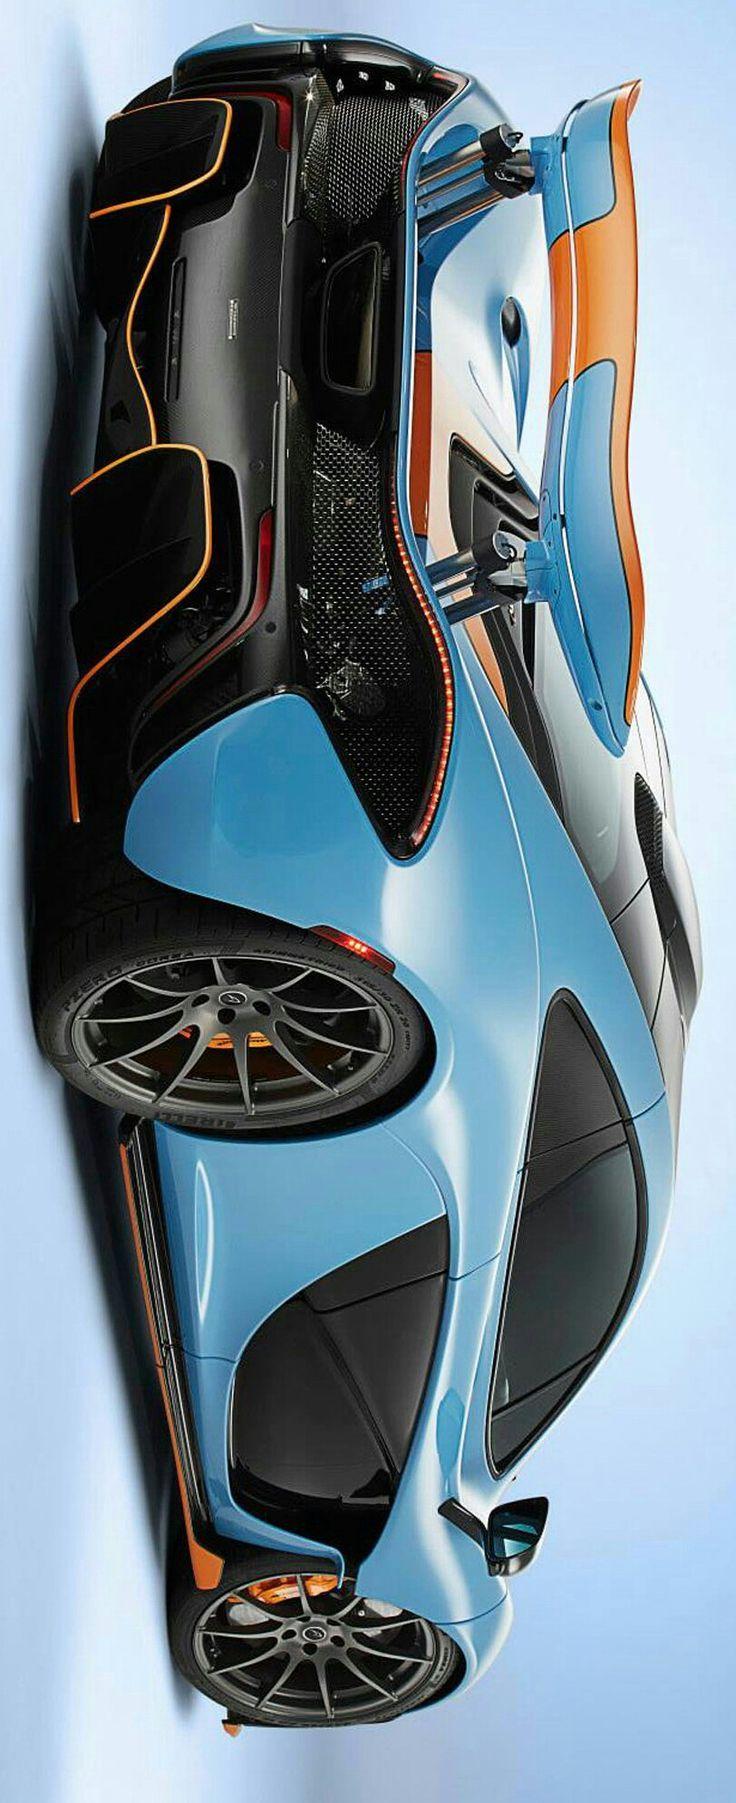 #2017 McLaren P1 by Levon                                                                                                                                                                                 More